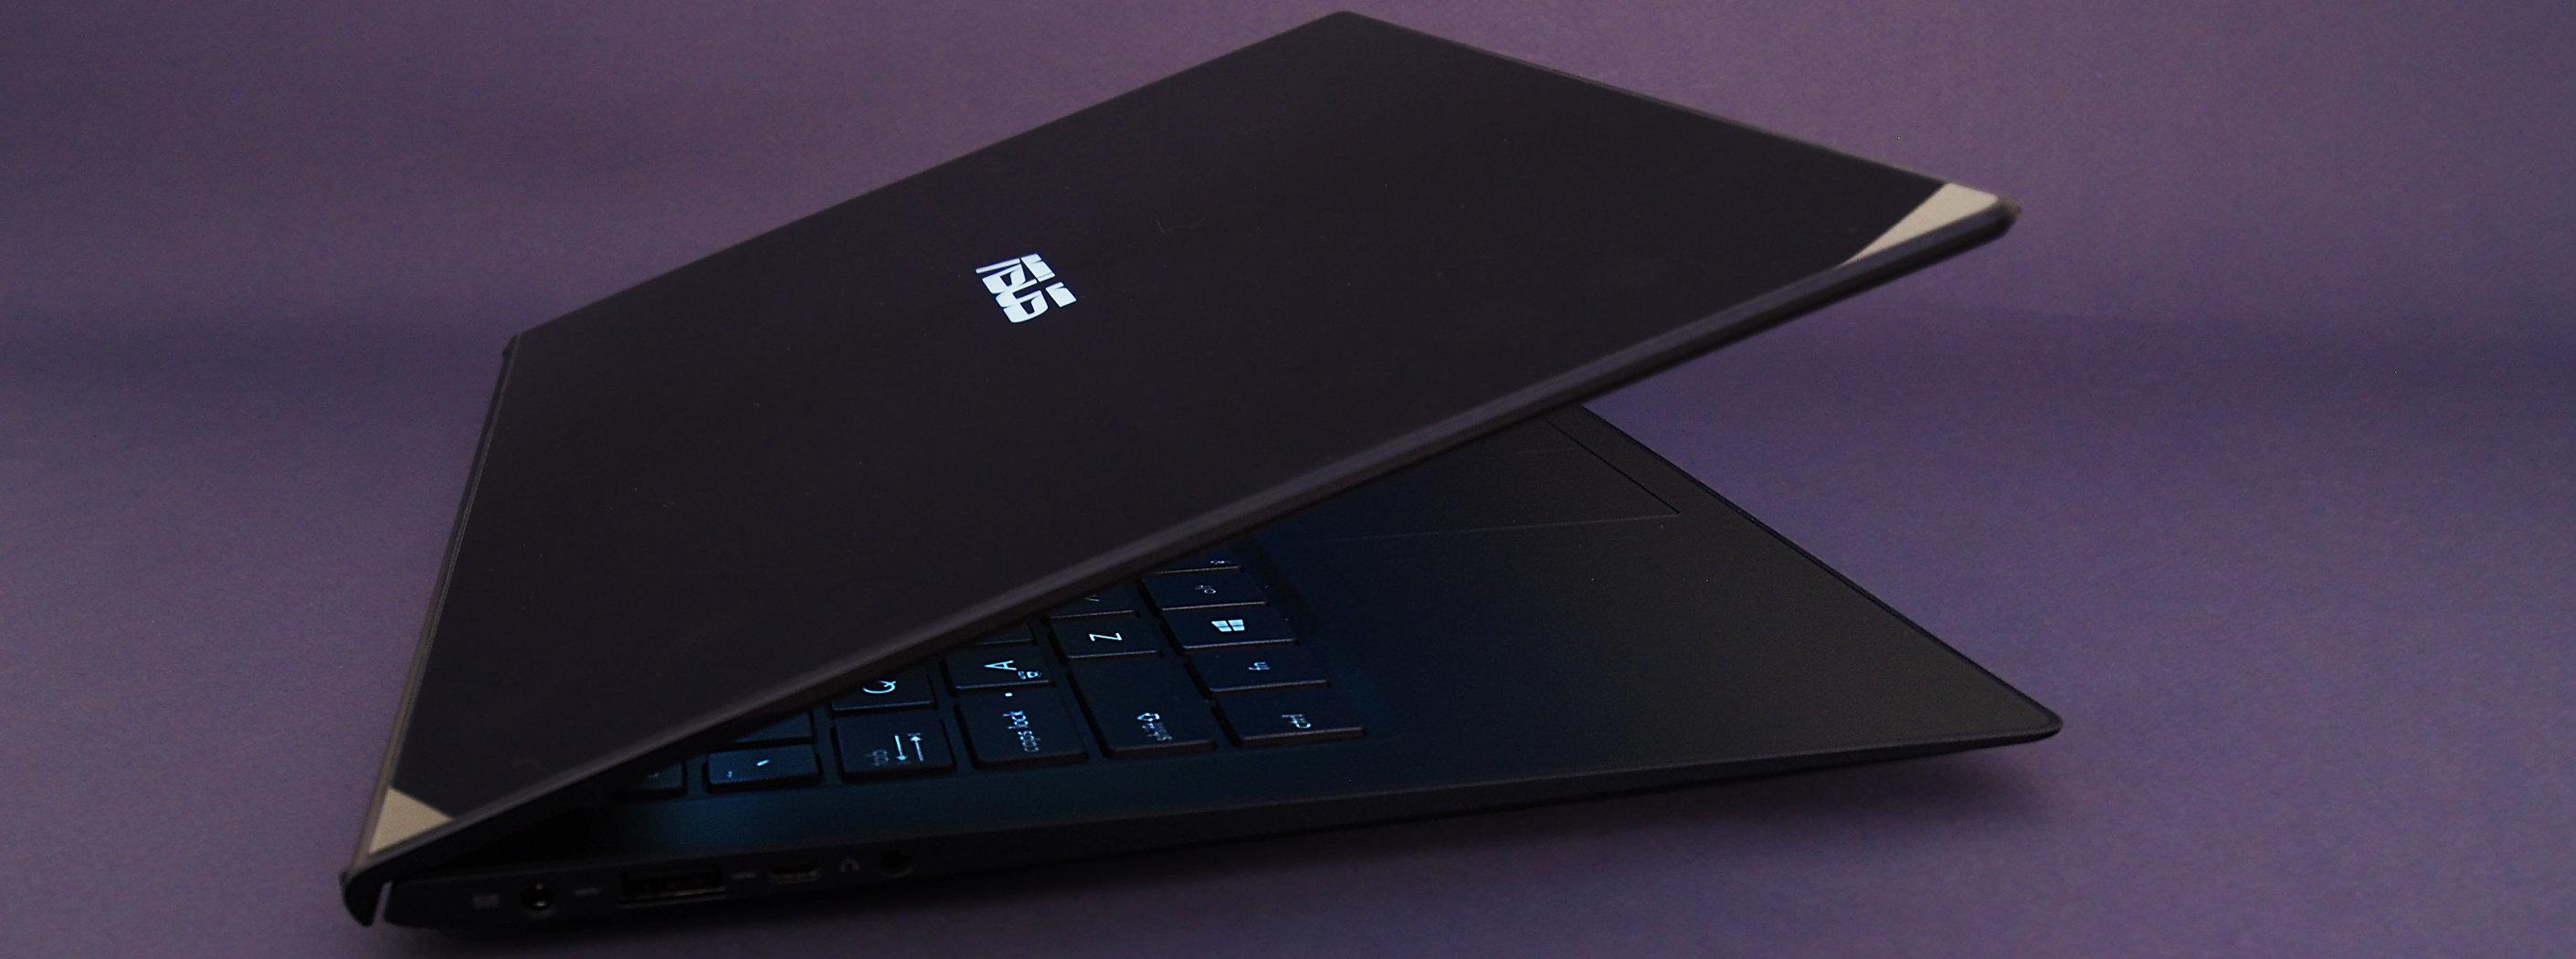 The Asus Zenbook UX301LA-DH71T Laptop